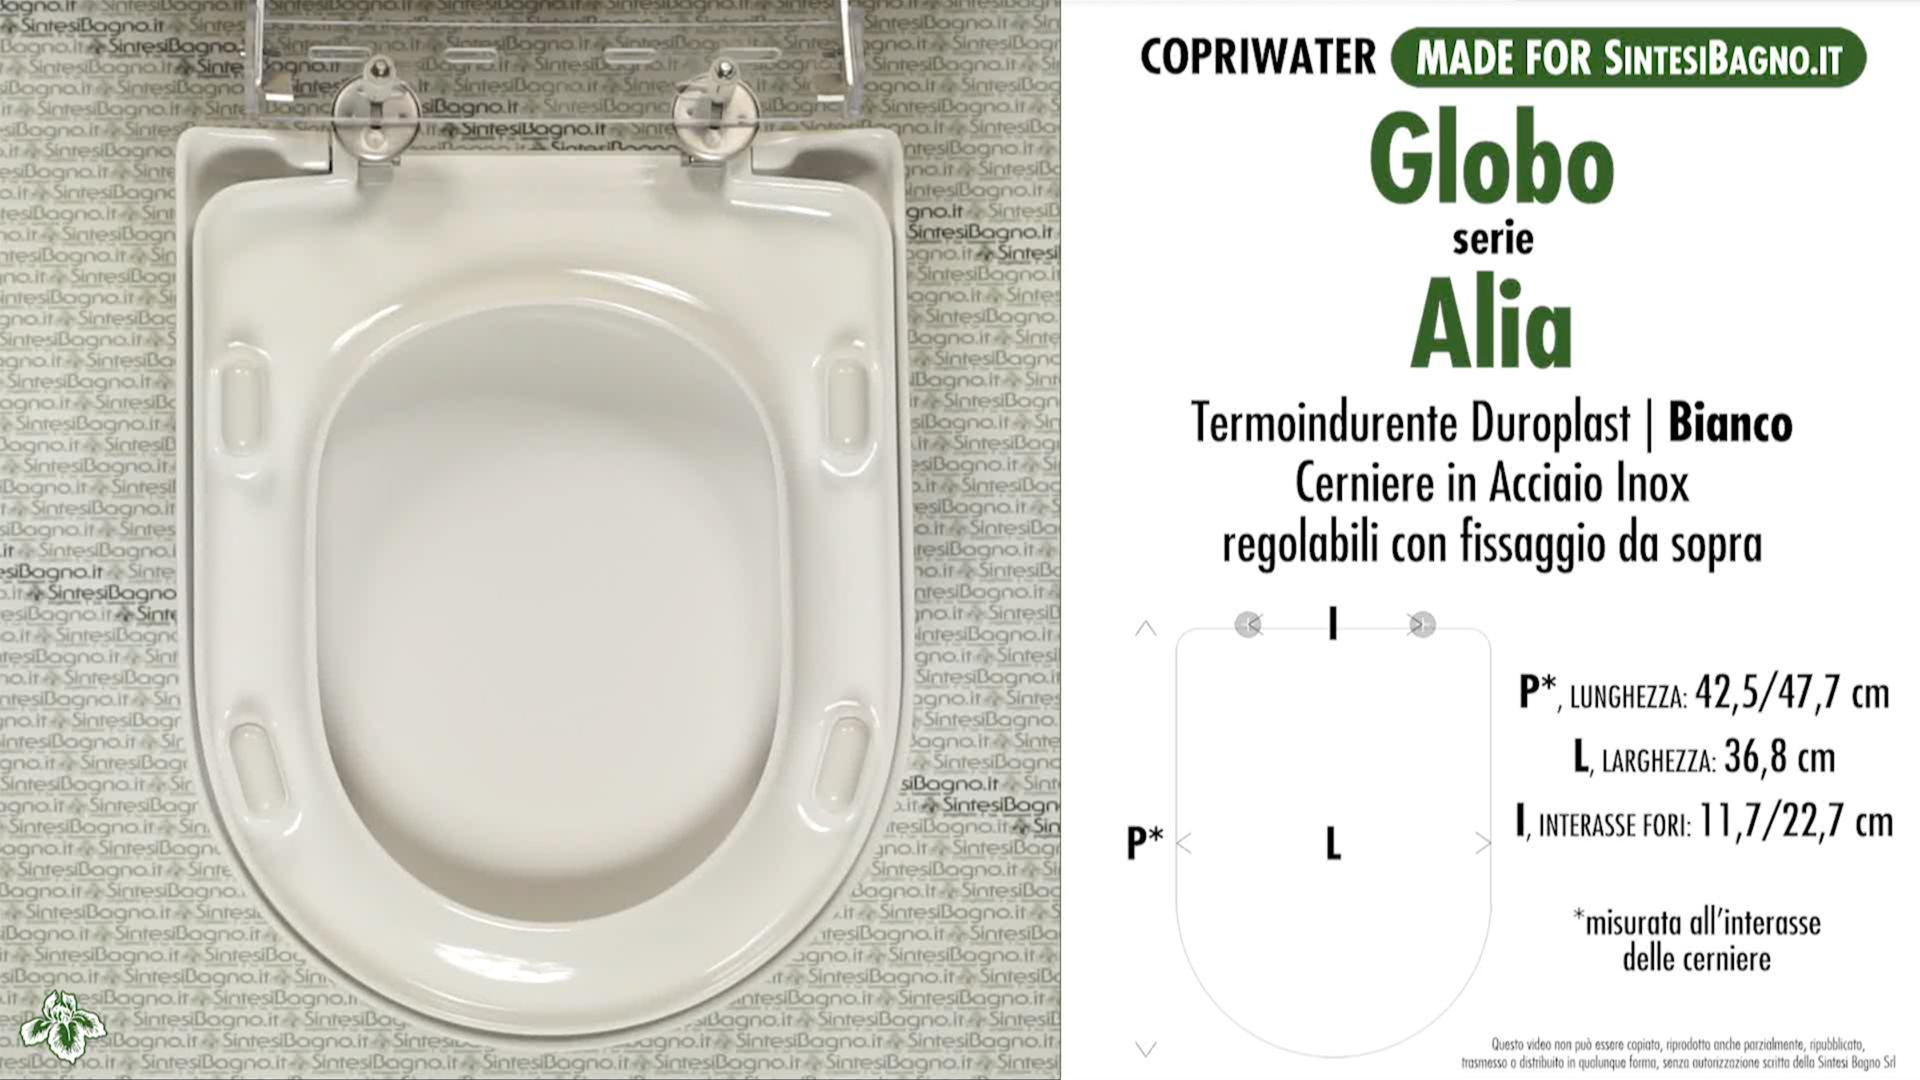 SCHEDA TECNICA MISURE copriwater GLOBO ALIA